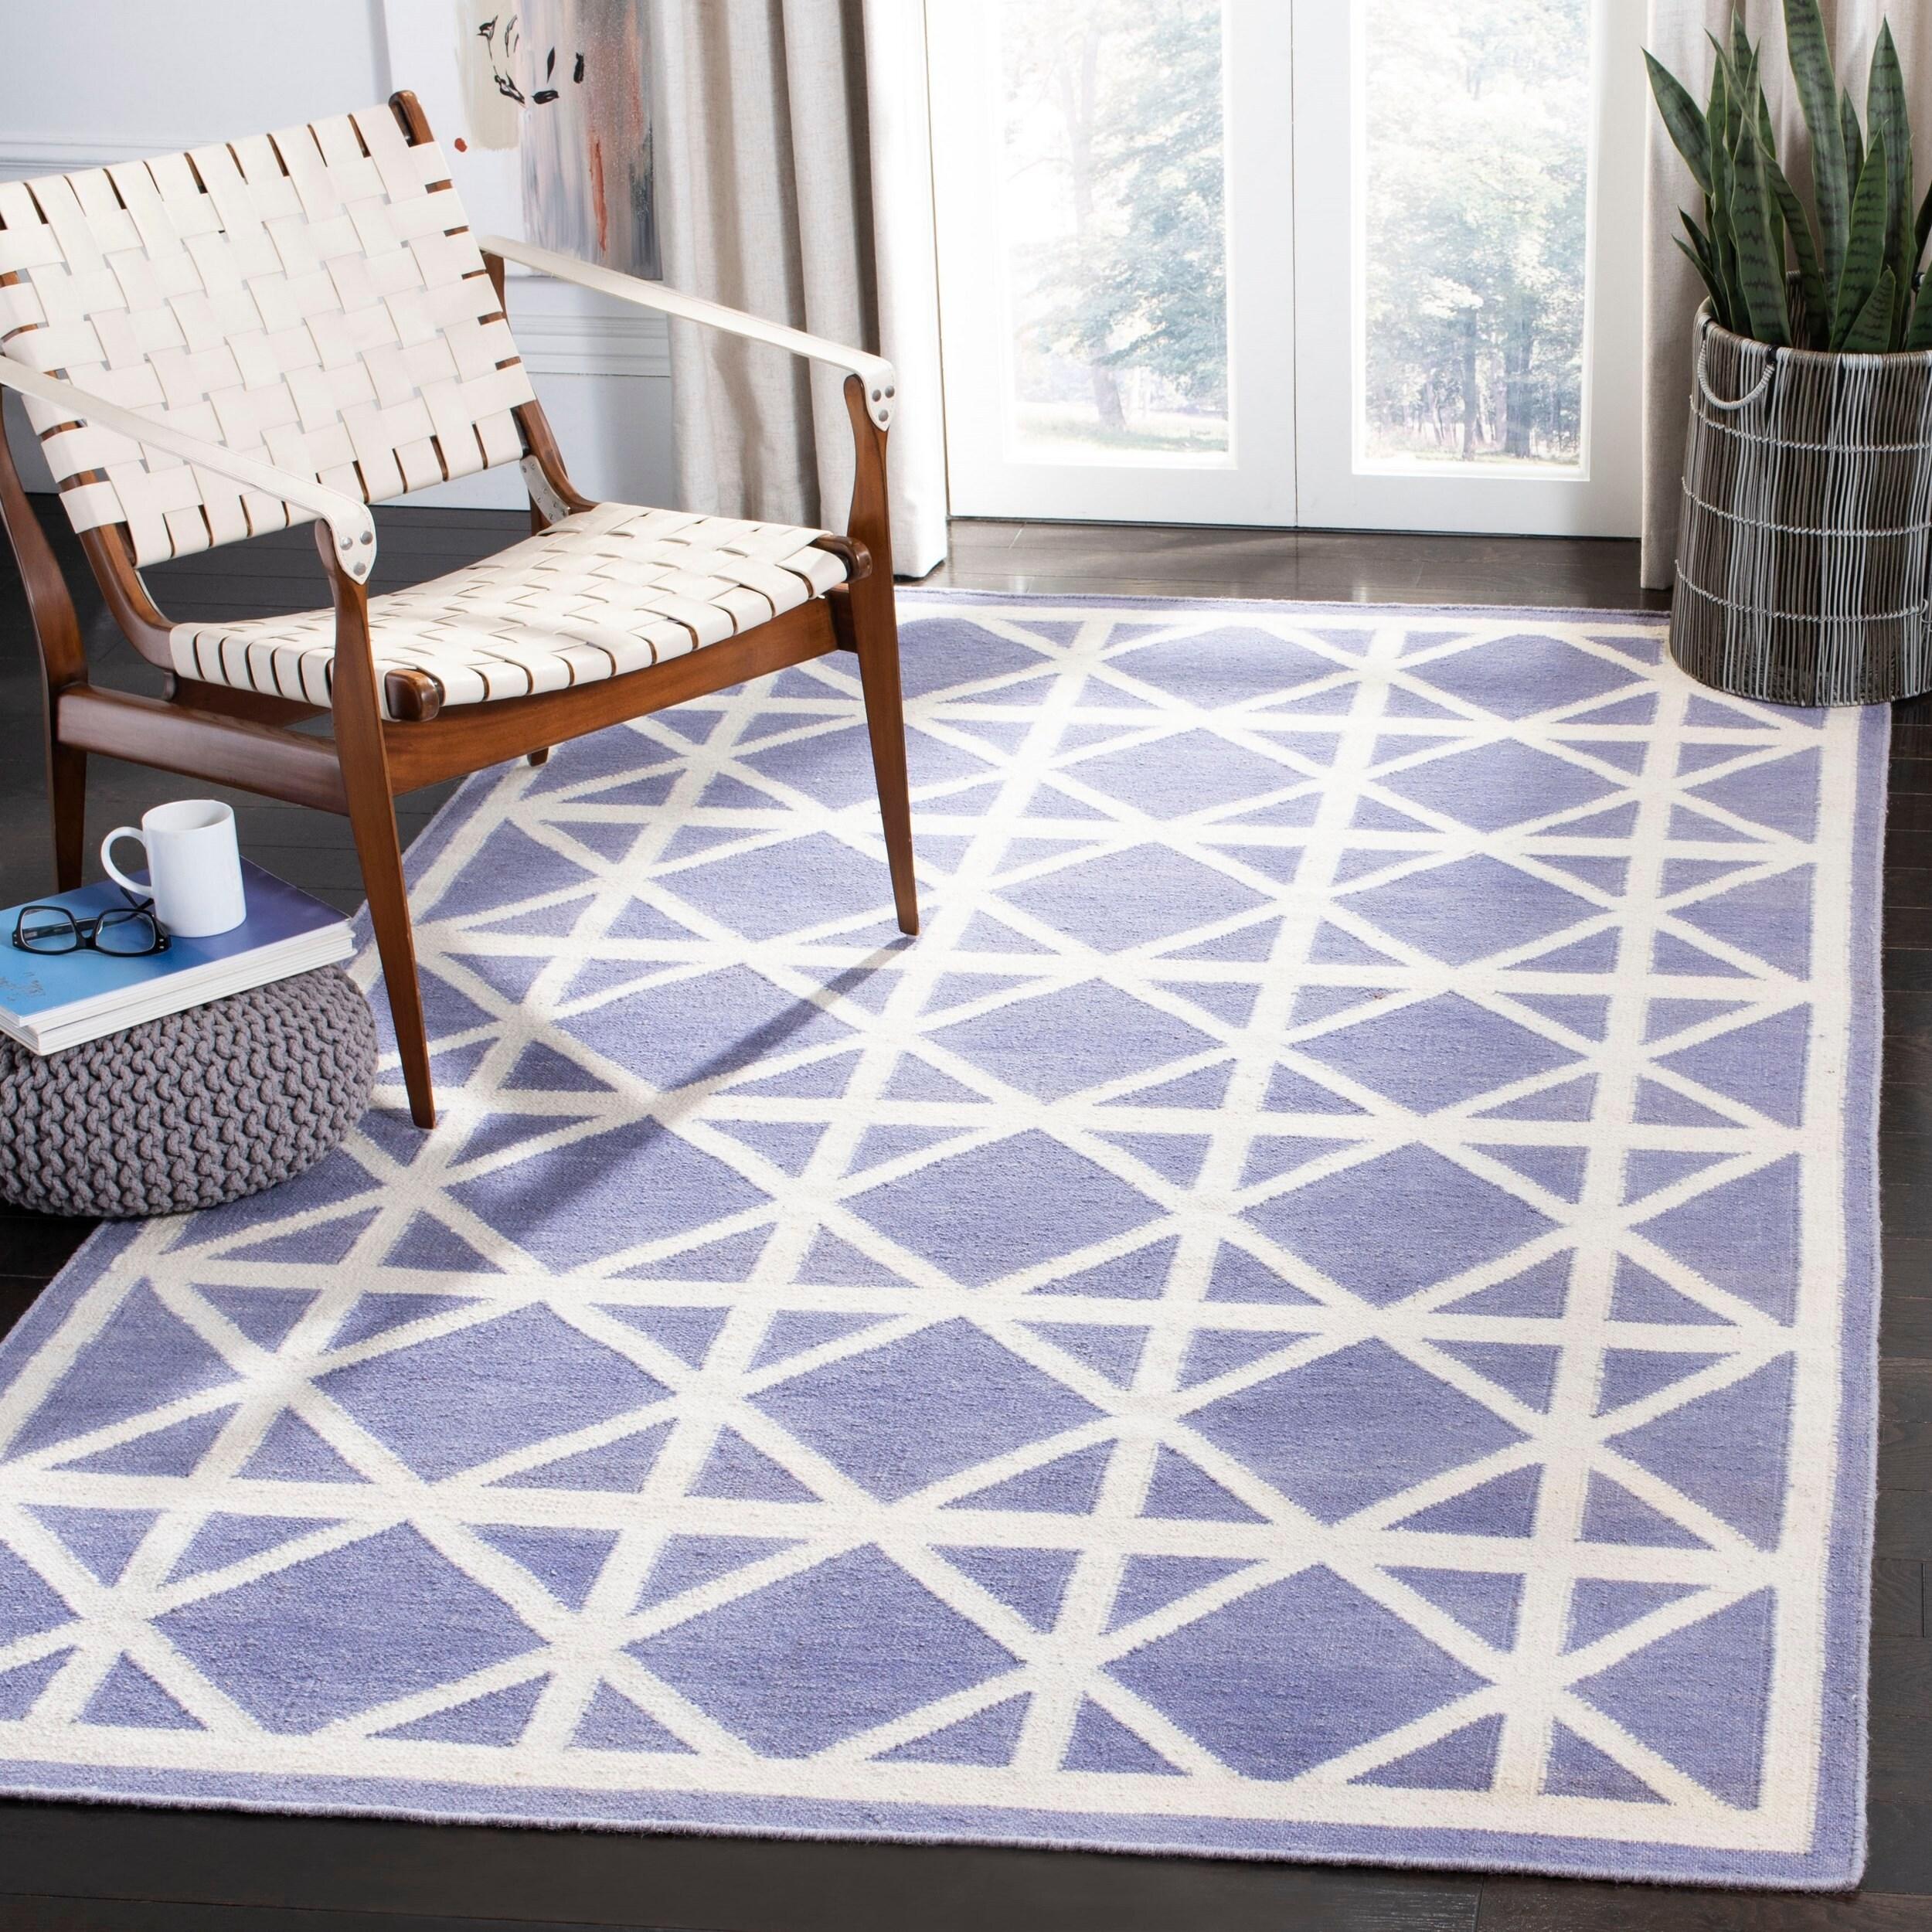 Safavieh Handmade Flatweave Dhurries Daria Modern Moroccan Wool Rug On Sale Overstock 8059335